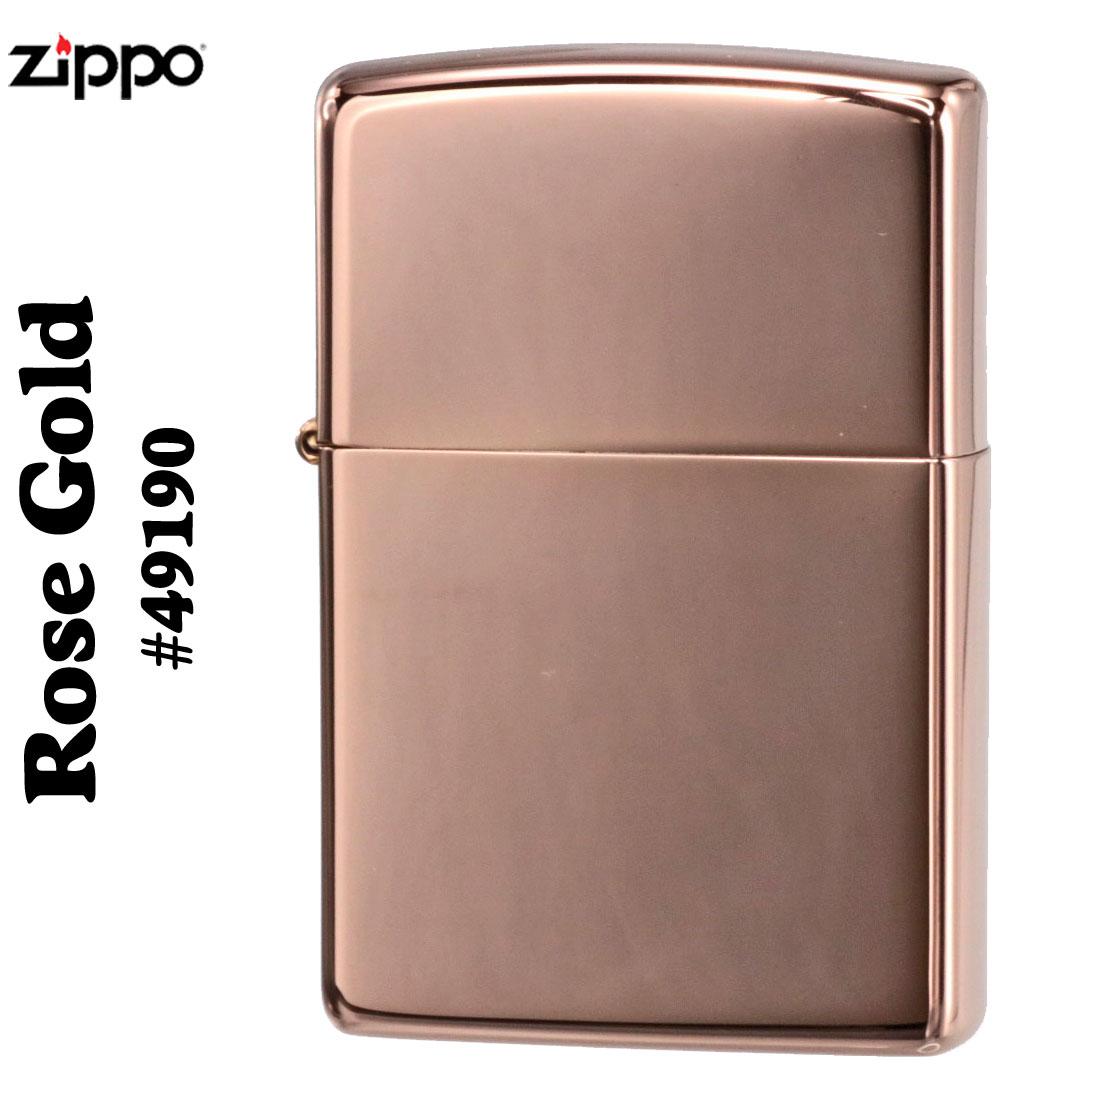 ZIPPO(ジッポーライター) Rose Gold(ローズゴールド)ハイポリッシュ画像